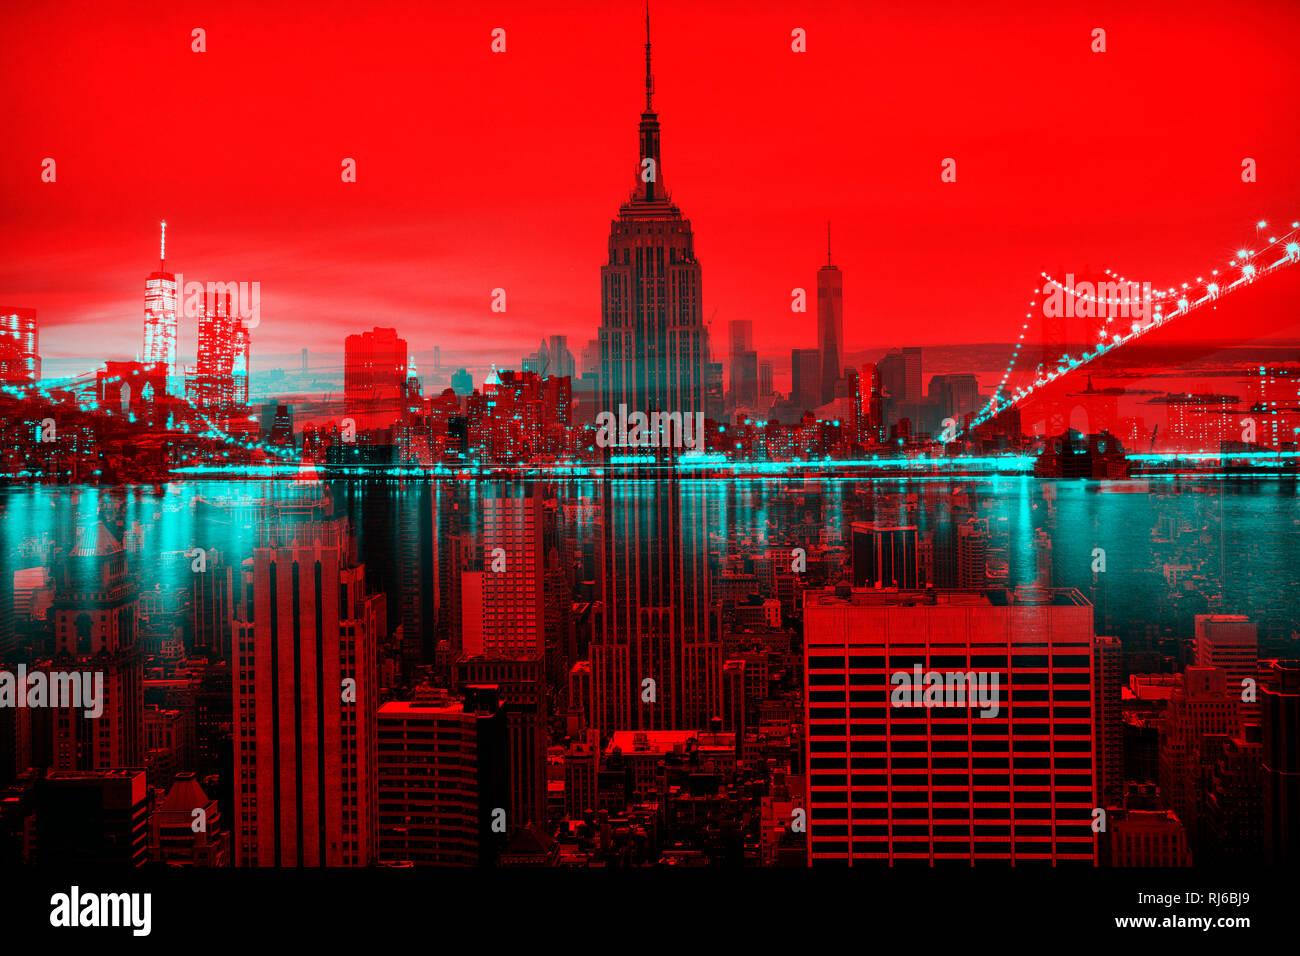 New York, Abstrakt, Doppelbelichtung, Skyline und Empire State Building Stockbild